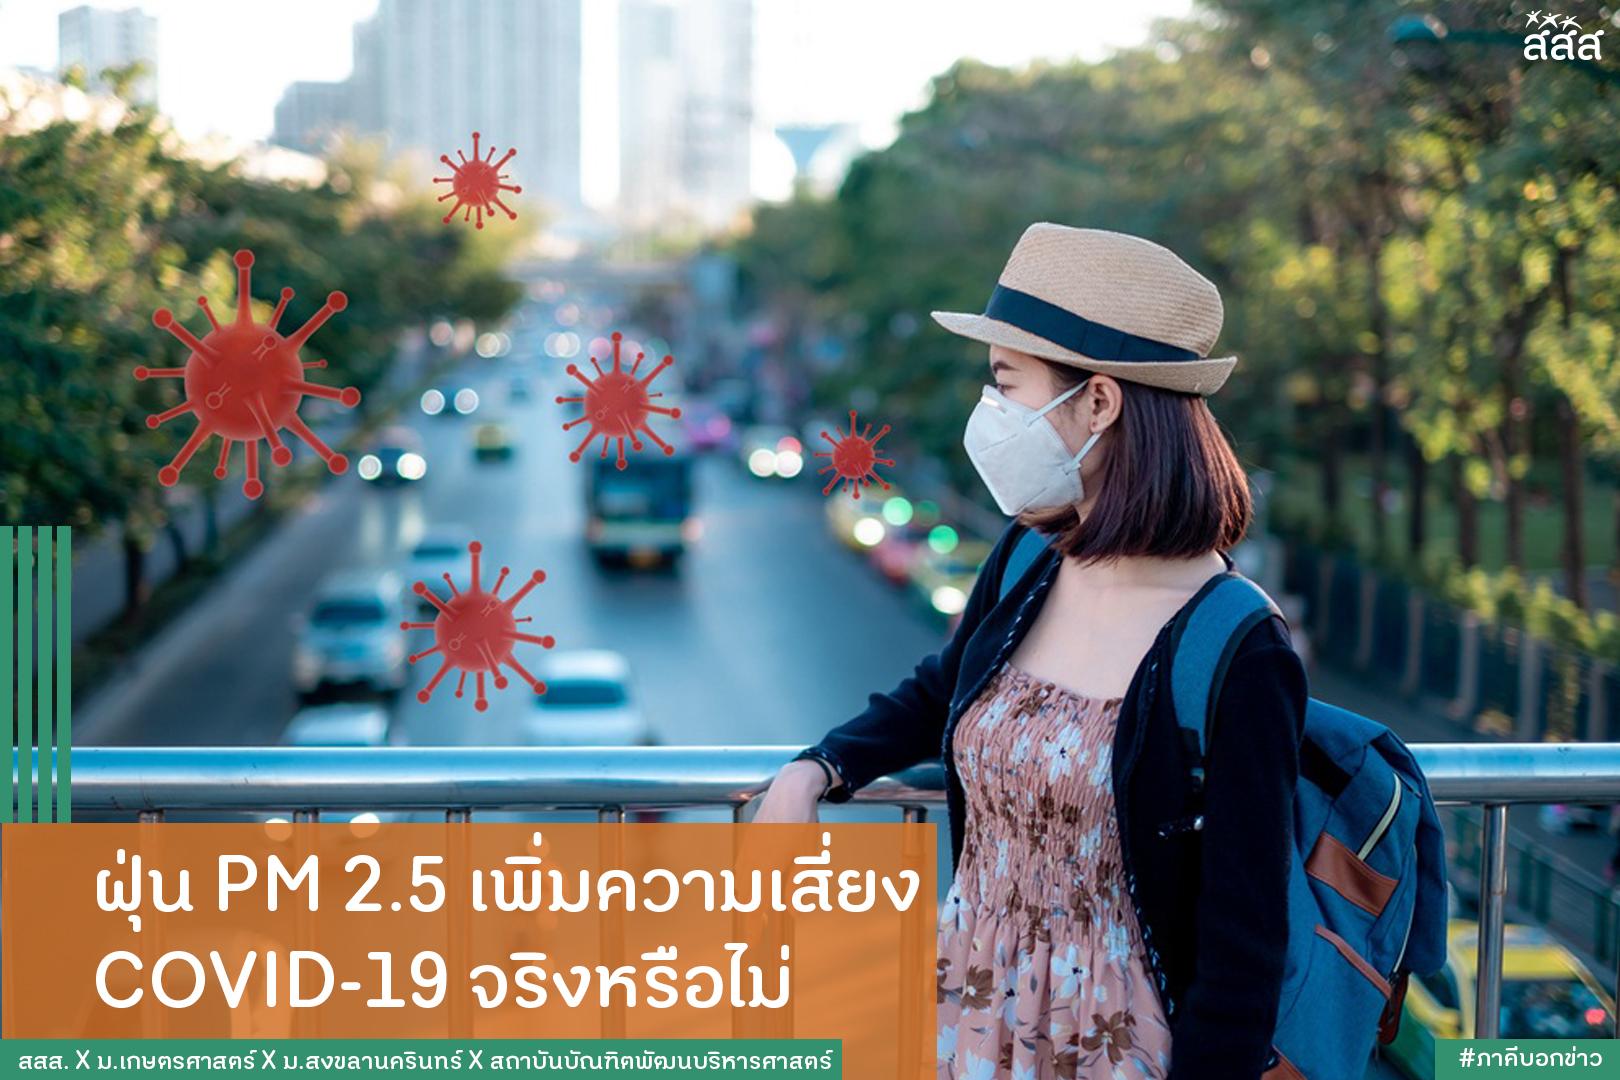 ฝุ่น PM 2.5 เพิ่มความเสี่ยง COVID-19 จริงหรือไม่ thaihealth